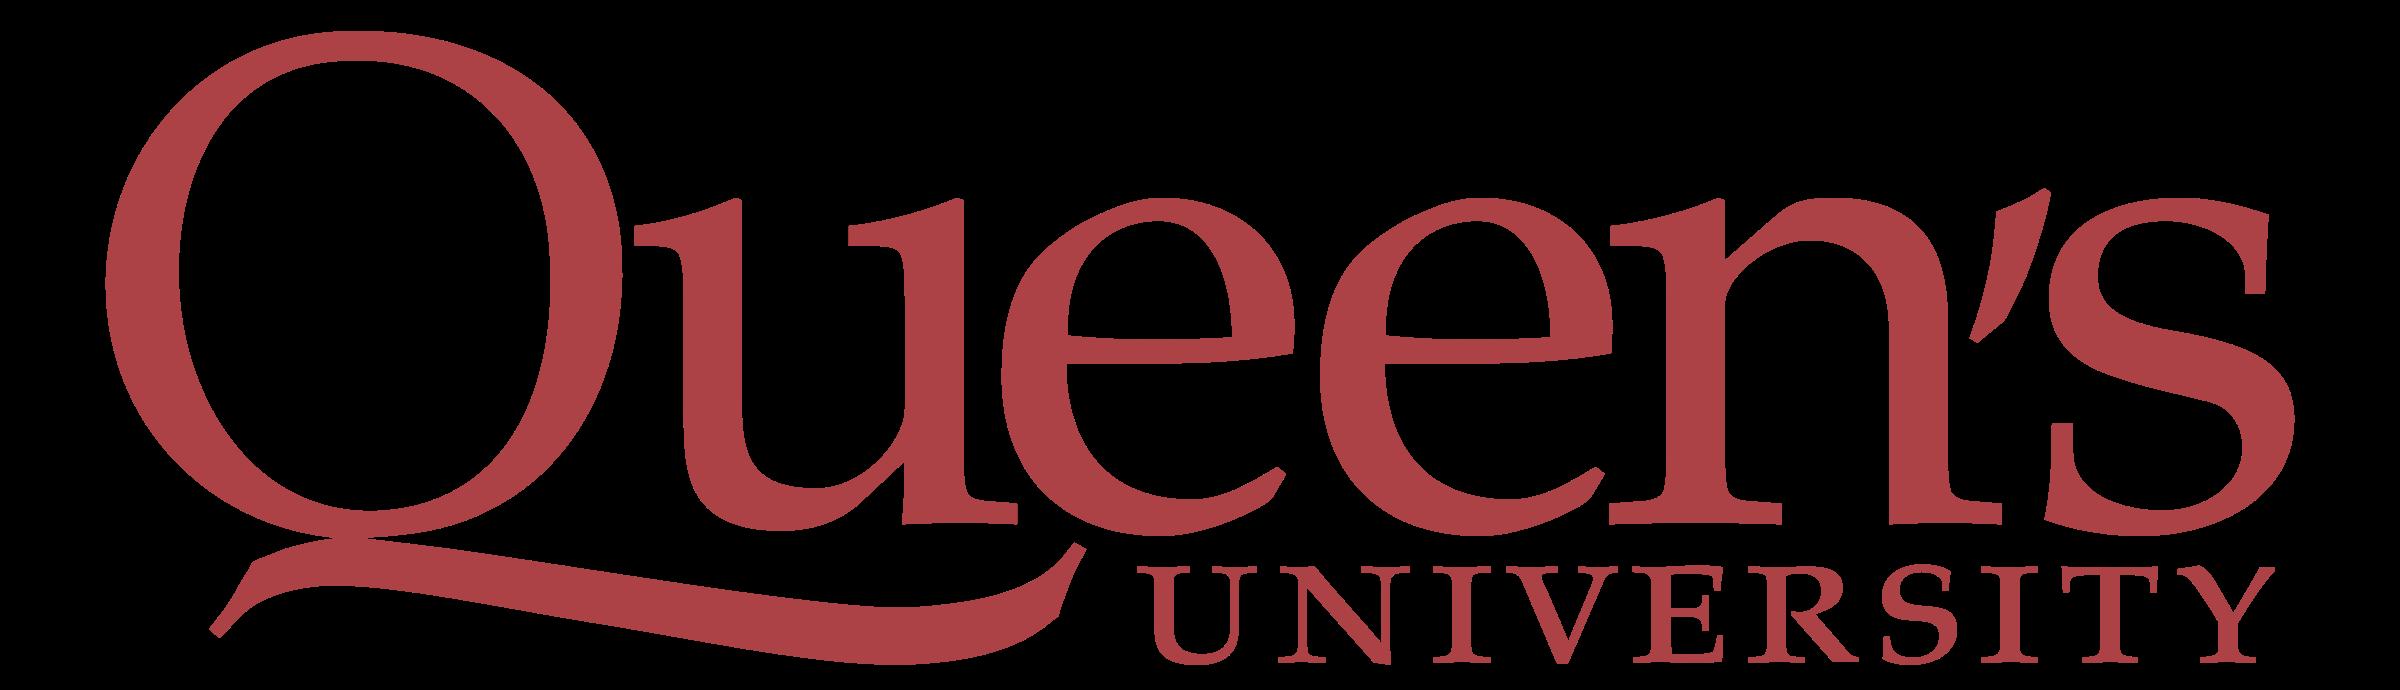 Queen's University logo Kingston Ontario Canada